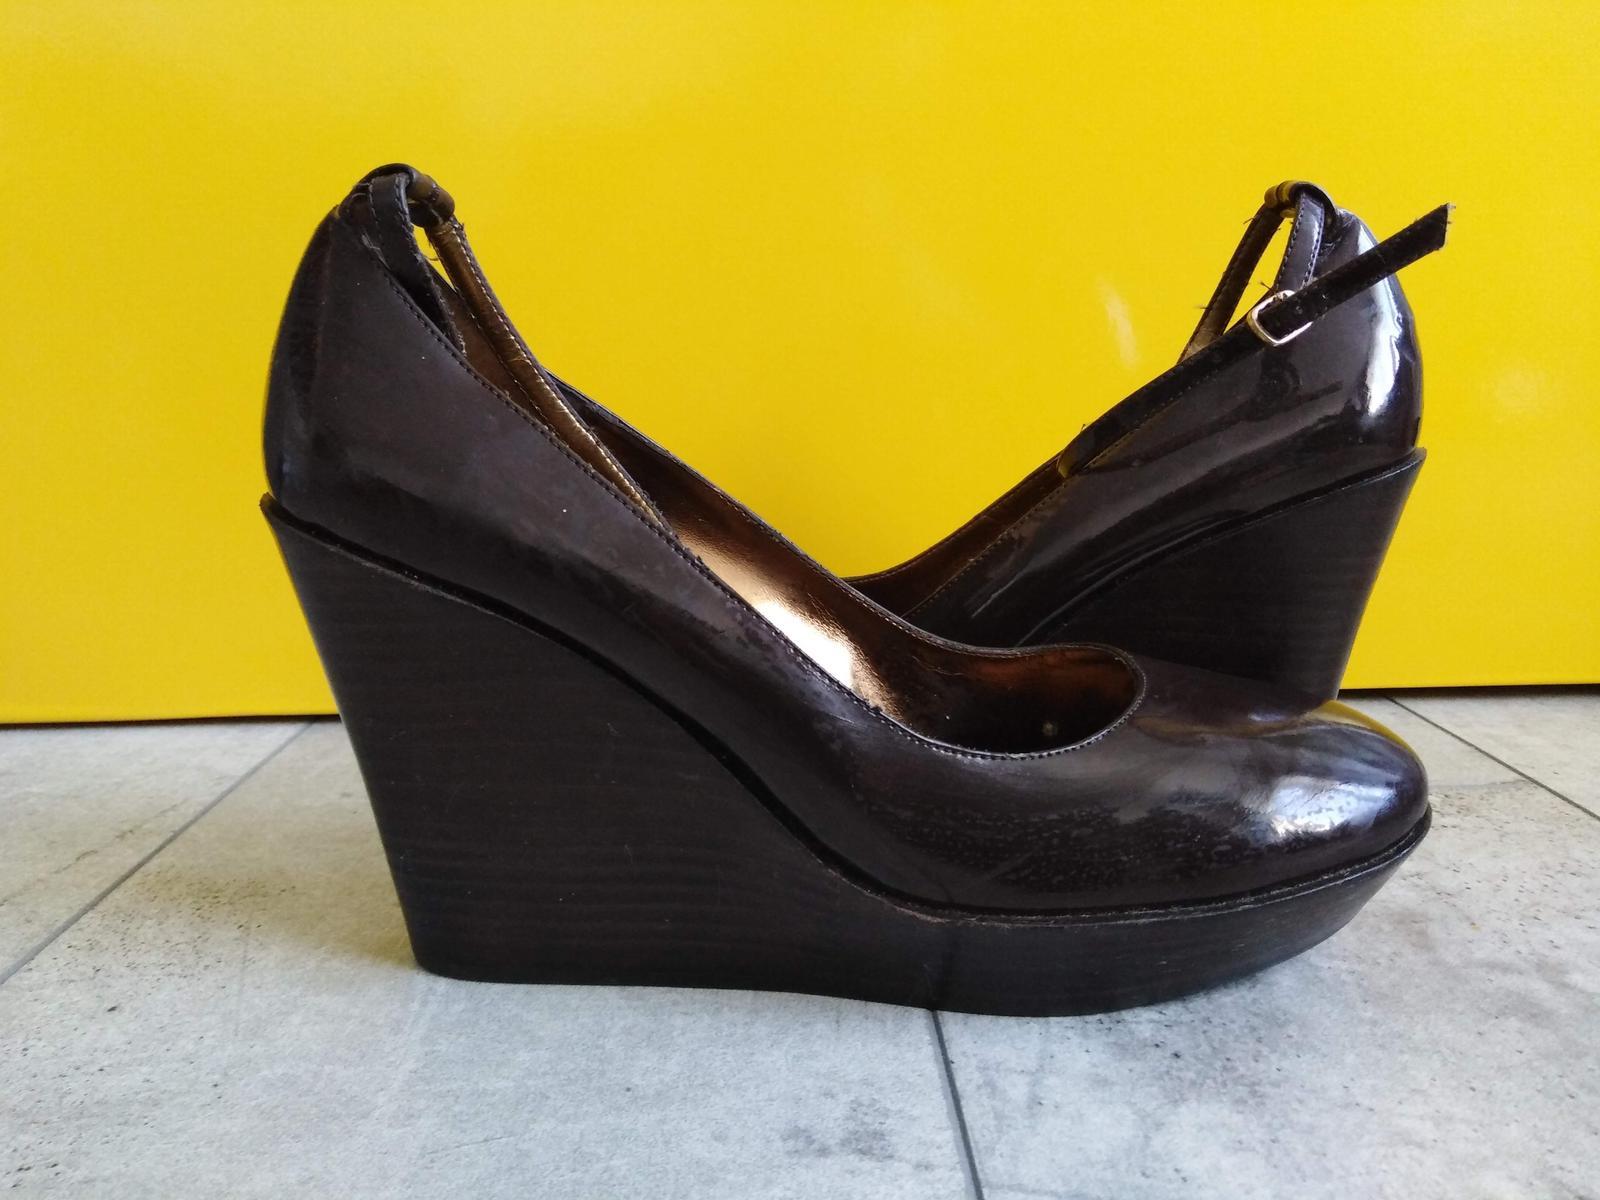 SKLADEM - hnědé boty na klínku - Obrázek č. 1